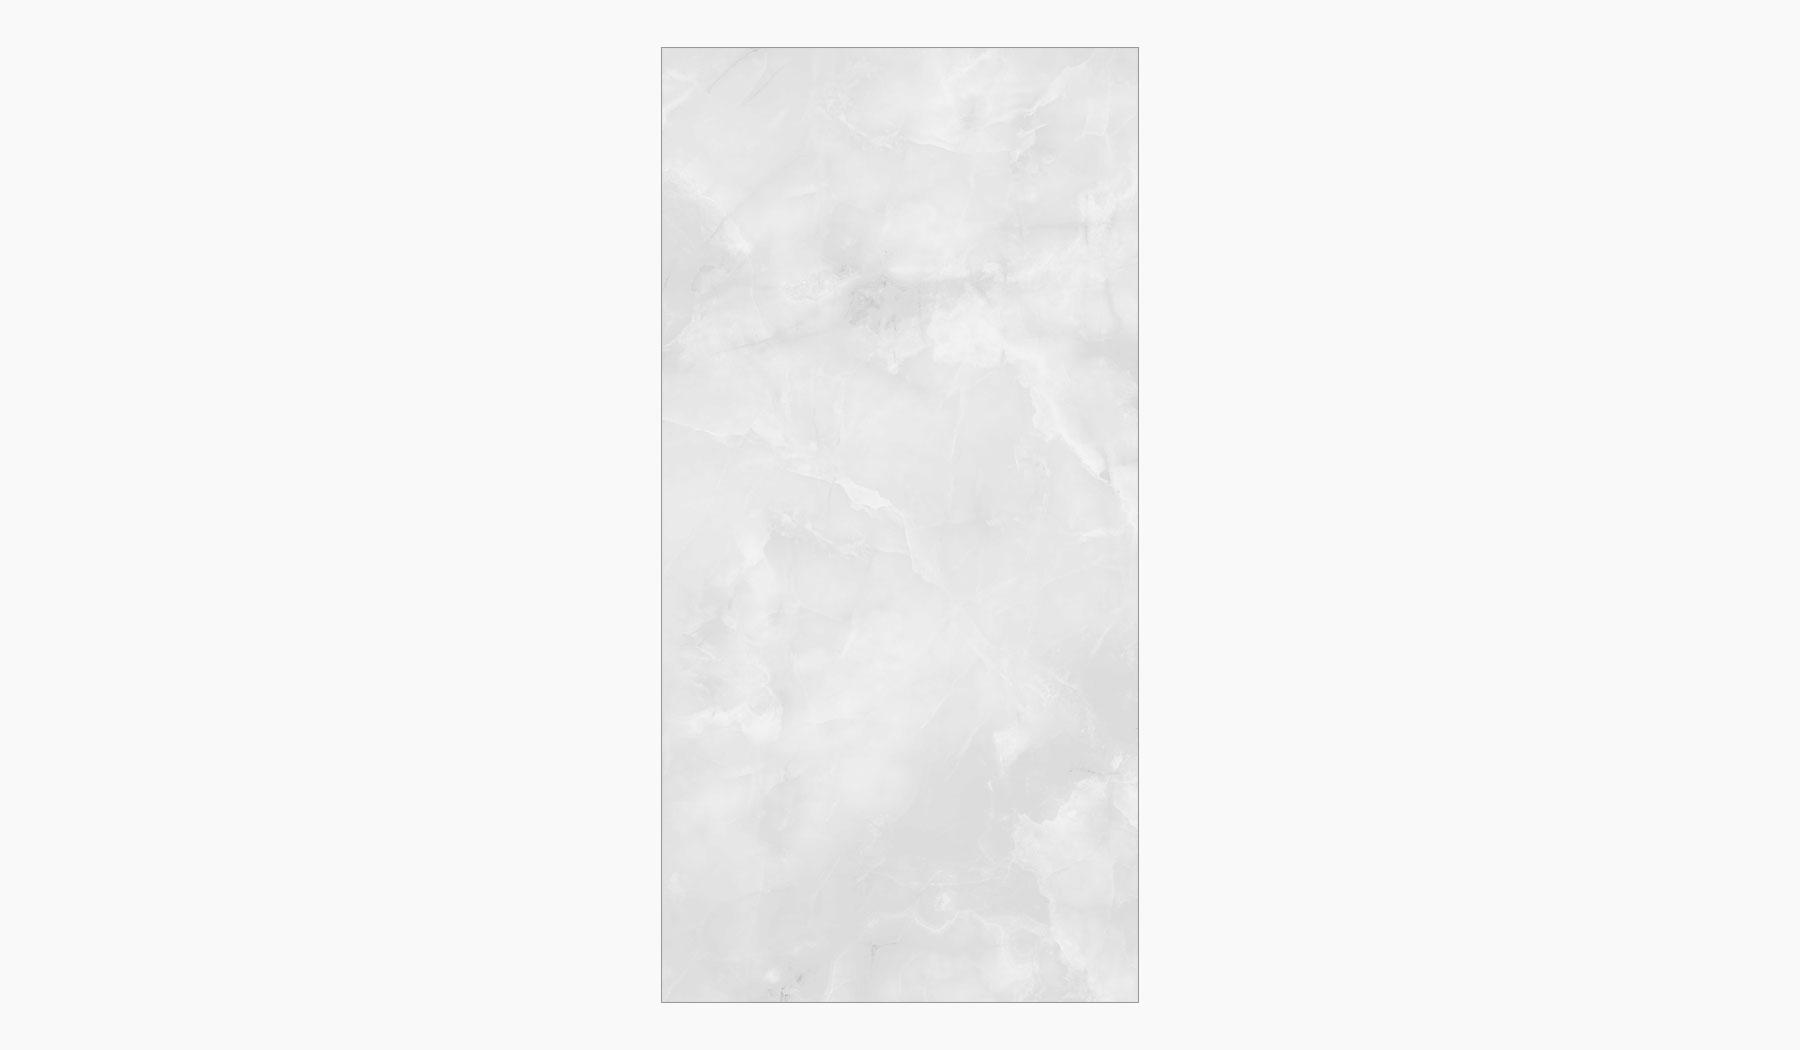 کاشی و سرامیک بوم سرامیک ، سرامیک پرسلان فوجی سفید سایز 60*120 لعاب براق صاف با زمینه سنگ